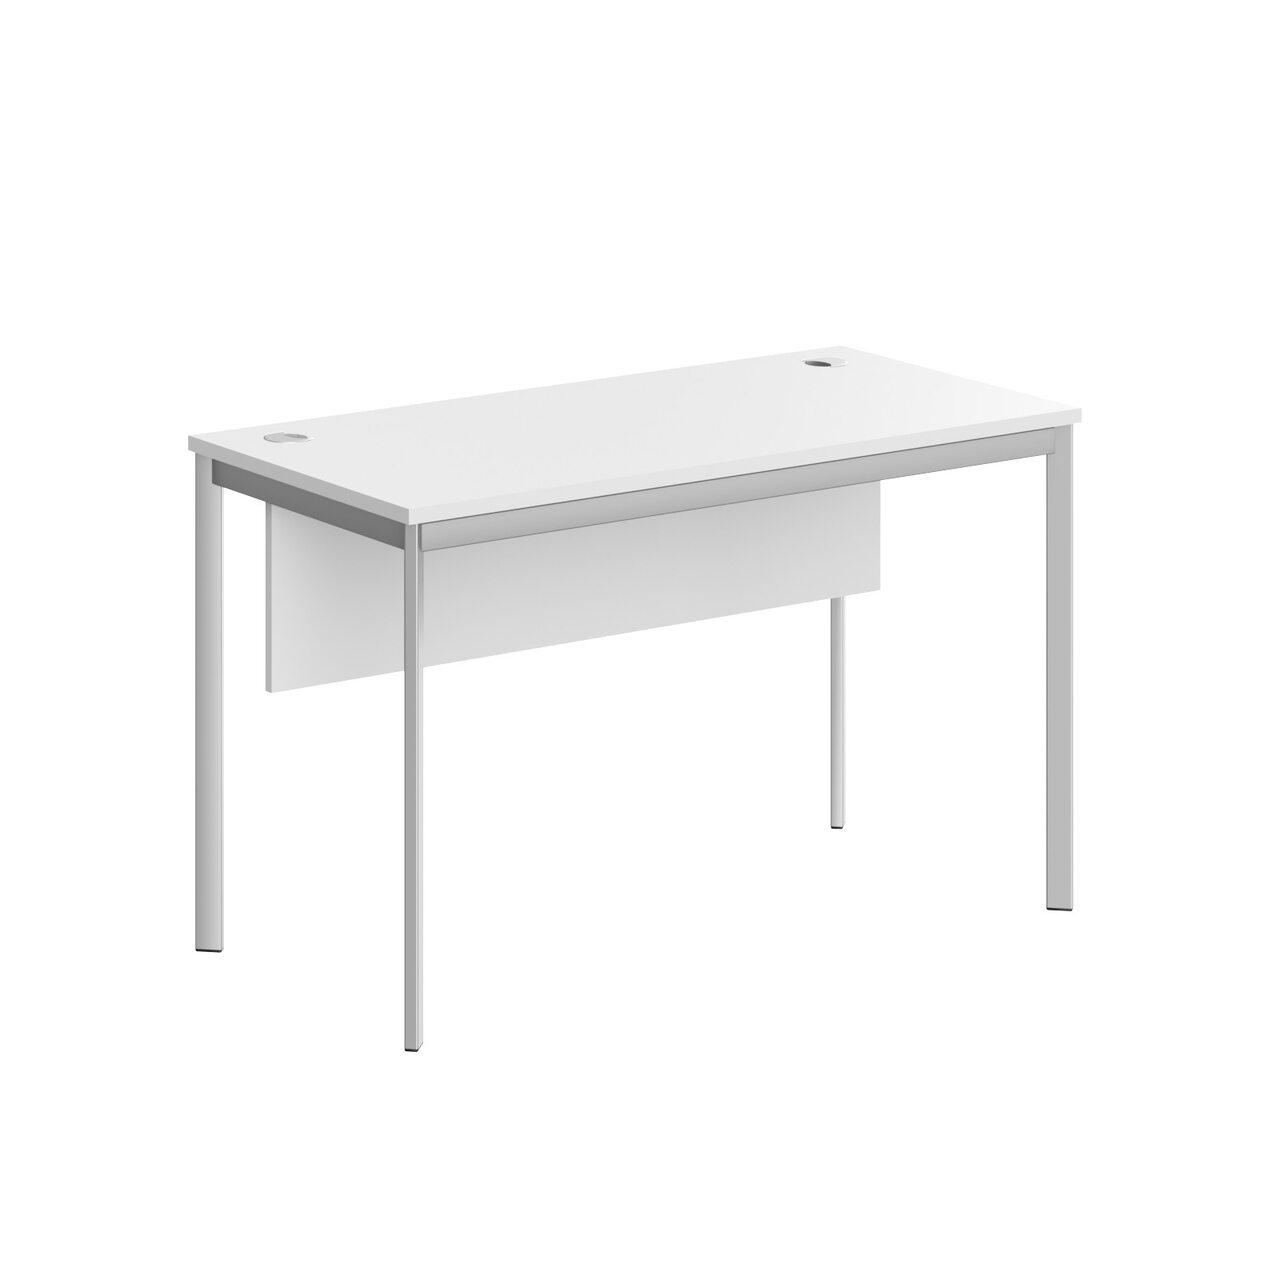 Стол прямой с фрональной панелью  IMAGO-S 120x60x76 - фото 2